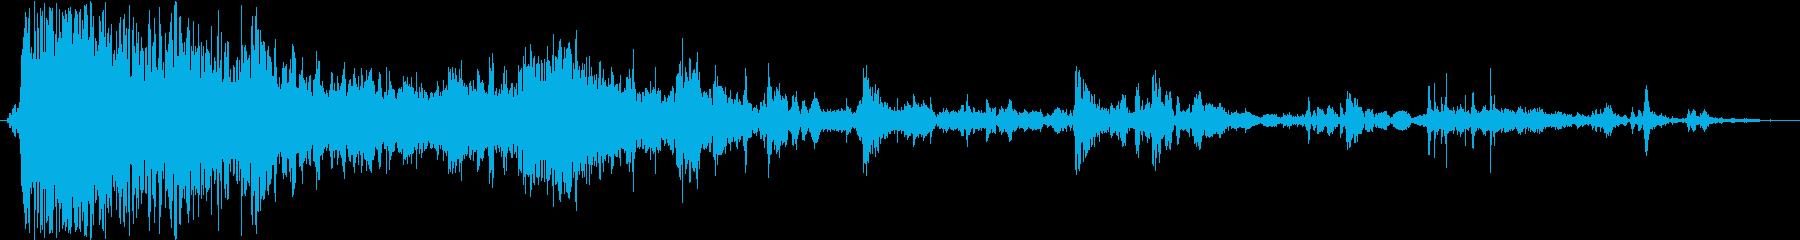 家:Int:大規模なインパクトヒッ...の再生済みの波形